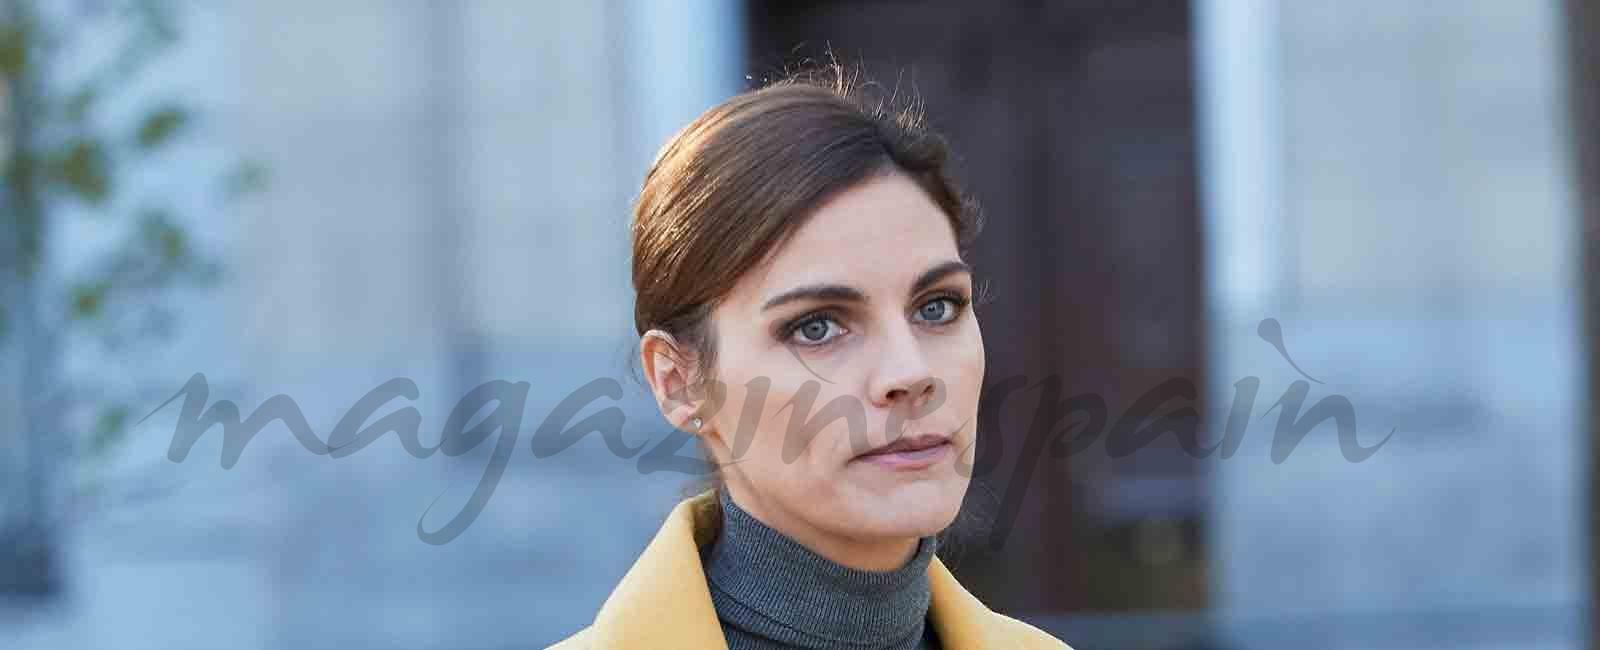 Amaia Salamanca cambio de look por exigencias del guion